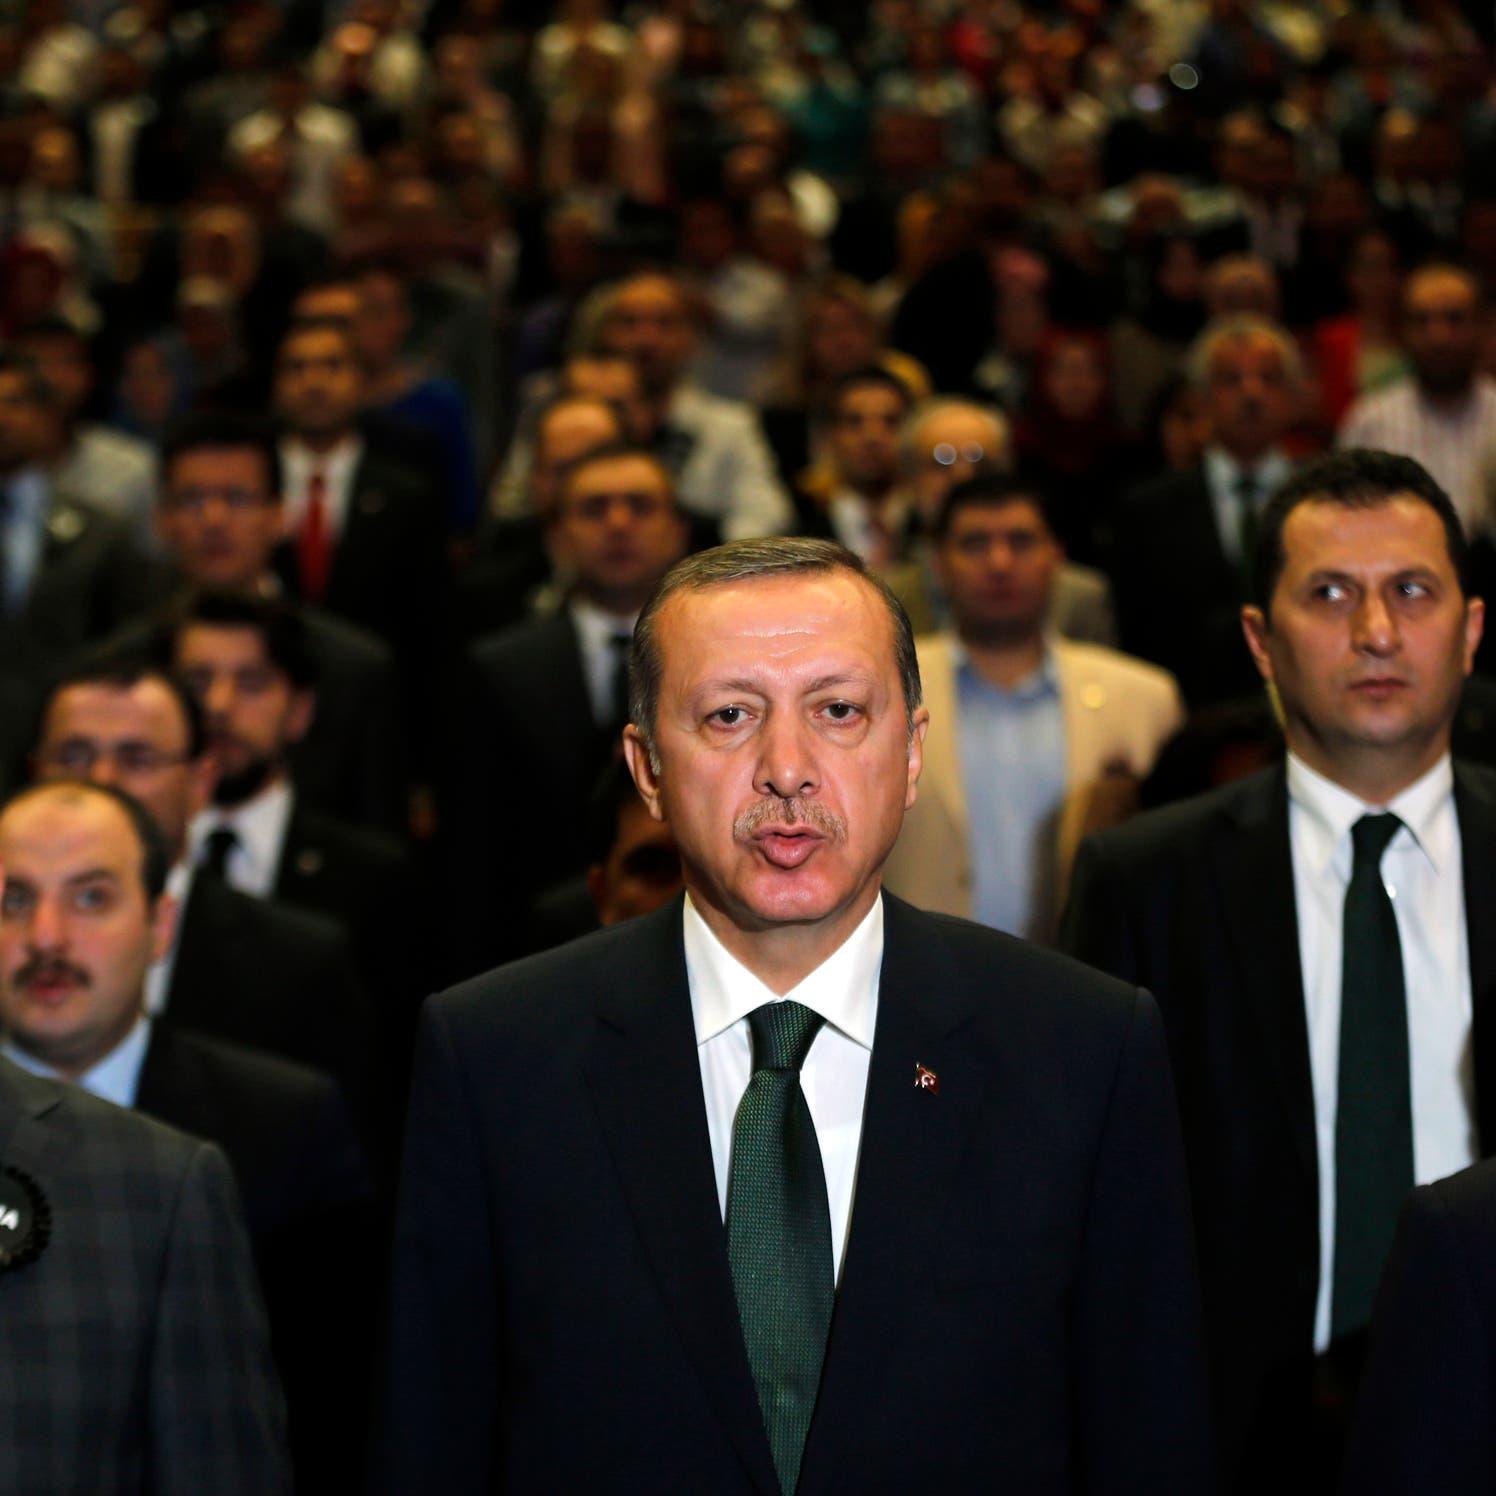 سفينة أردوغان تفرغ.. 63 نائباً يستعدون للرحيل